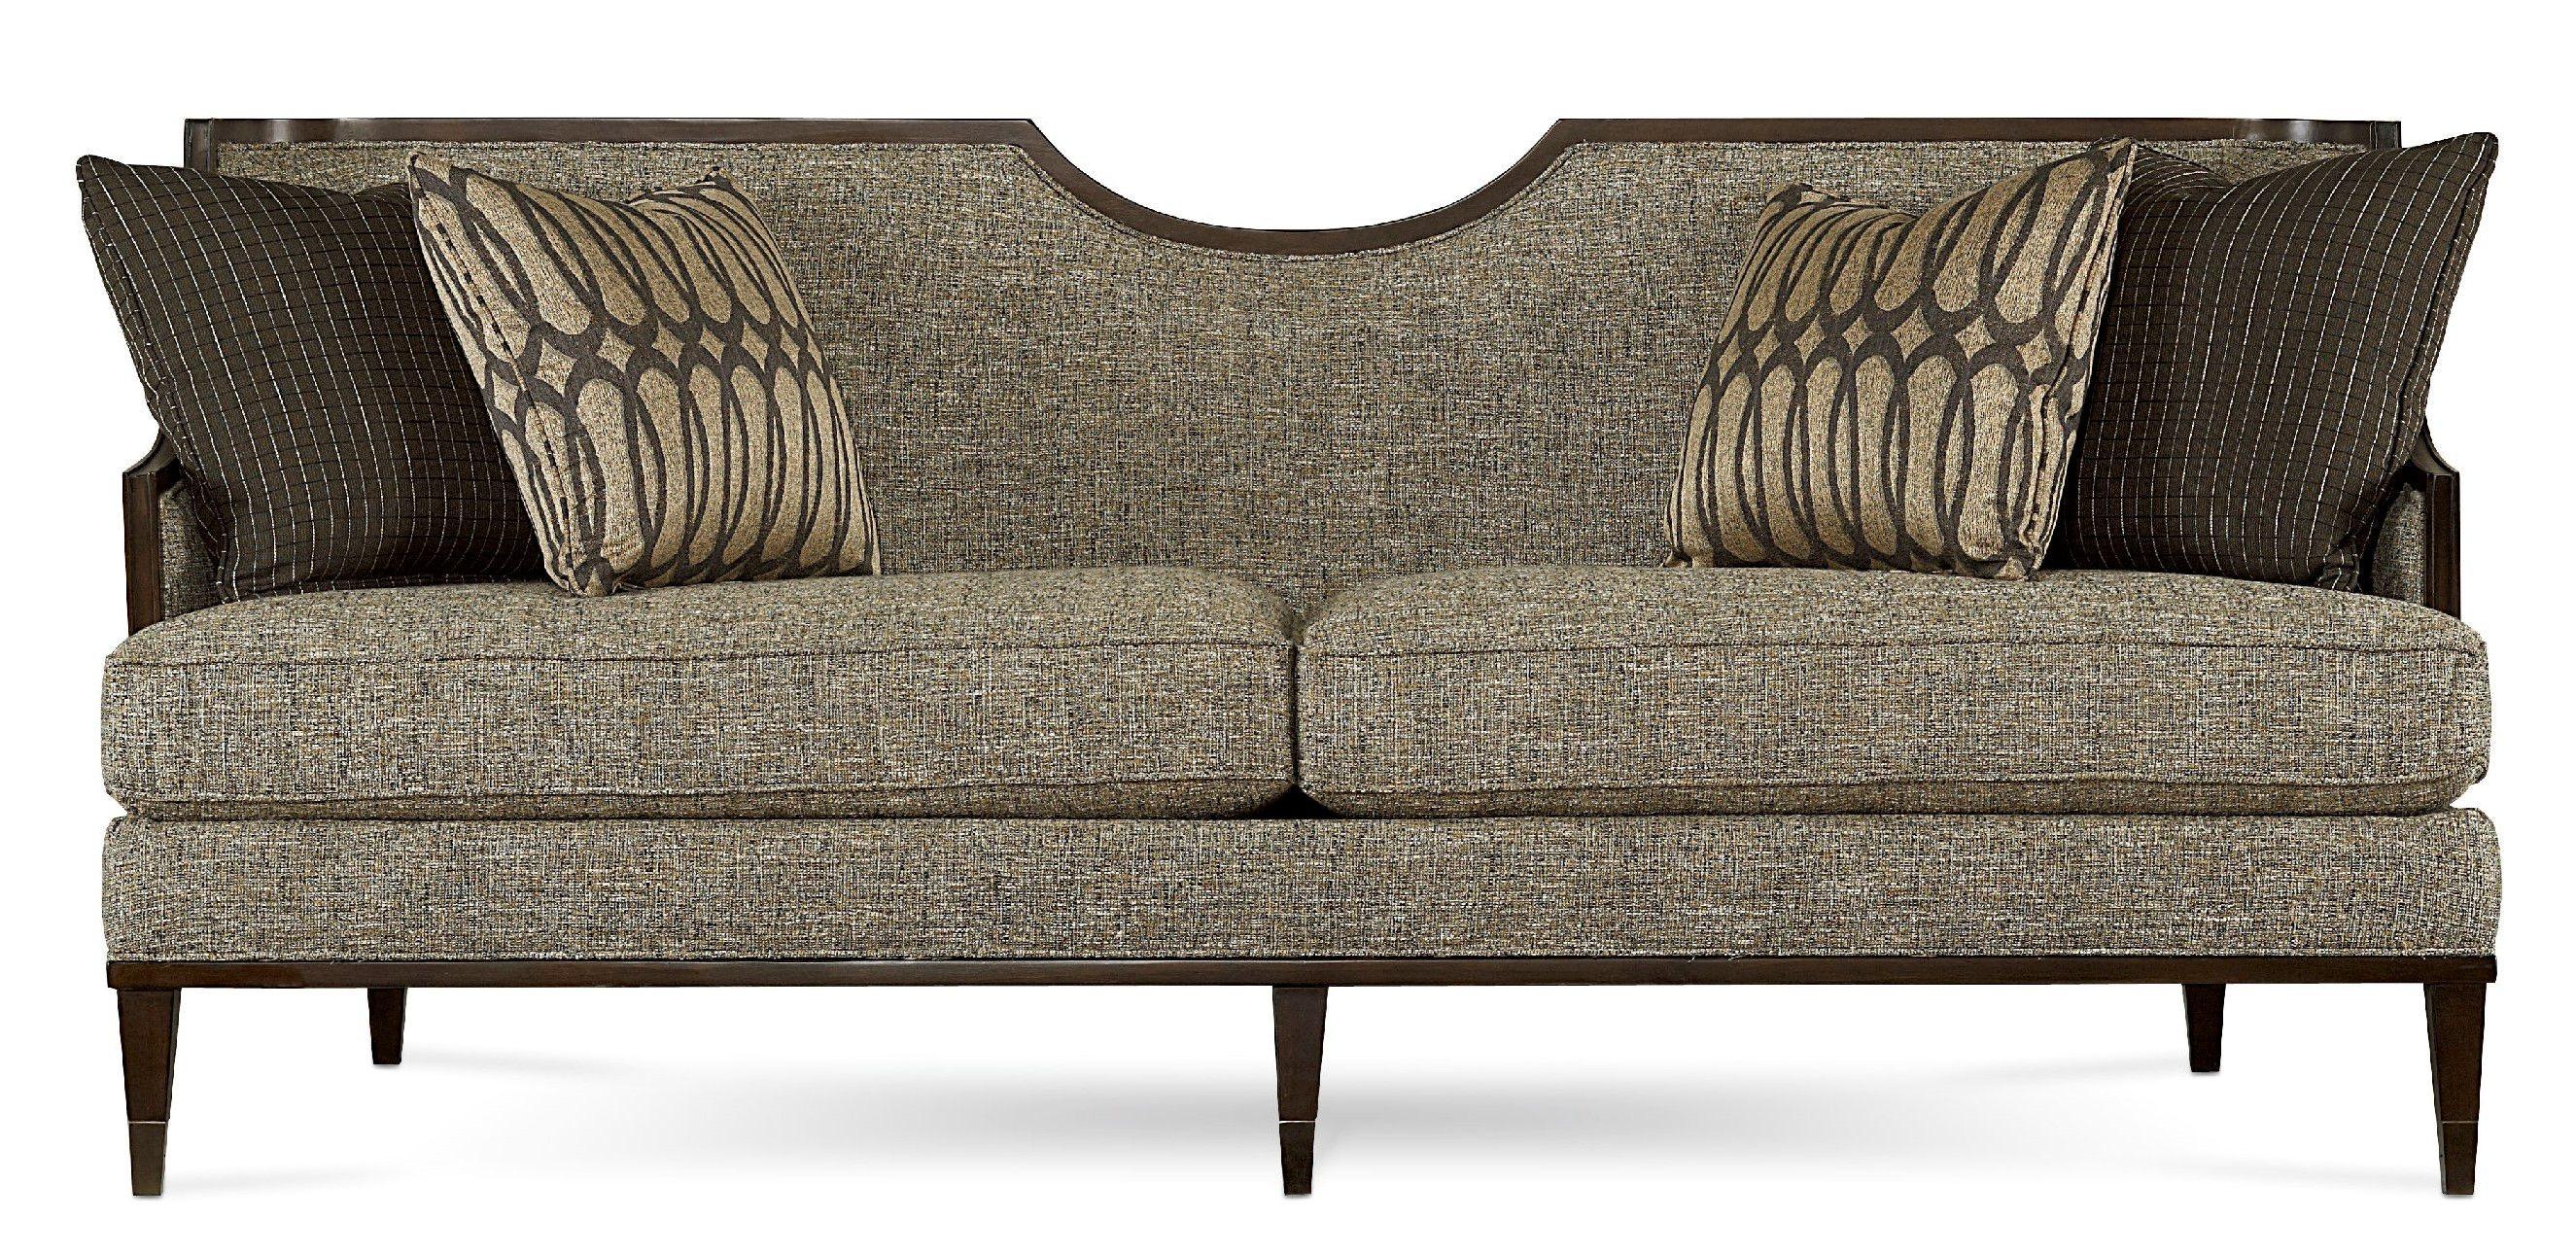 161501 5036AA. Sofa